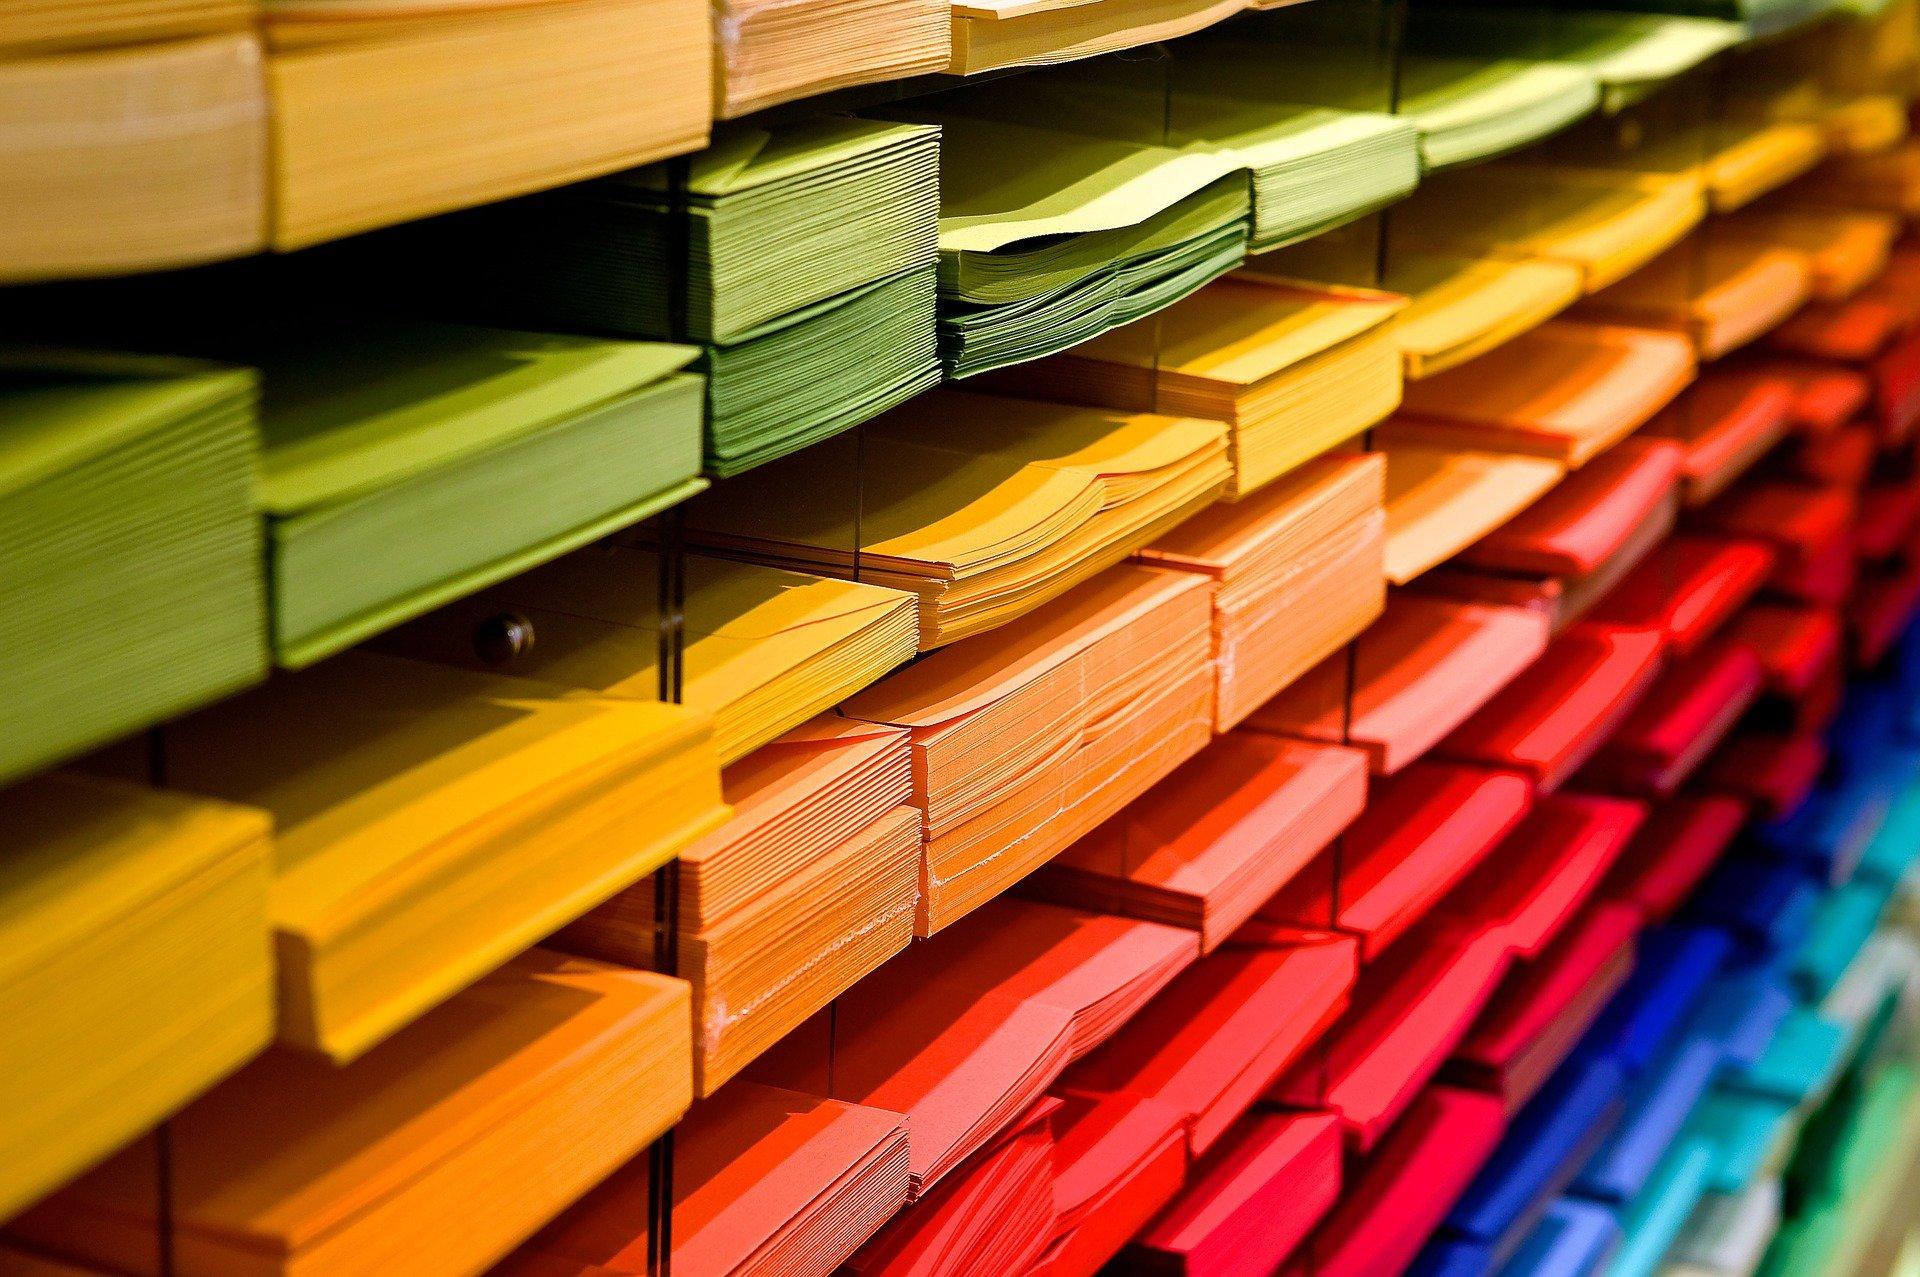 Auf dem Bild sieht man buntes Papier, das nach den Farben Grün, Gelb, Orange, Rot geordnet ist.